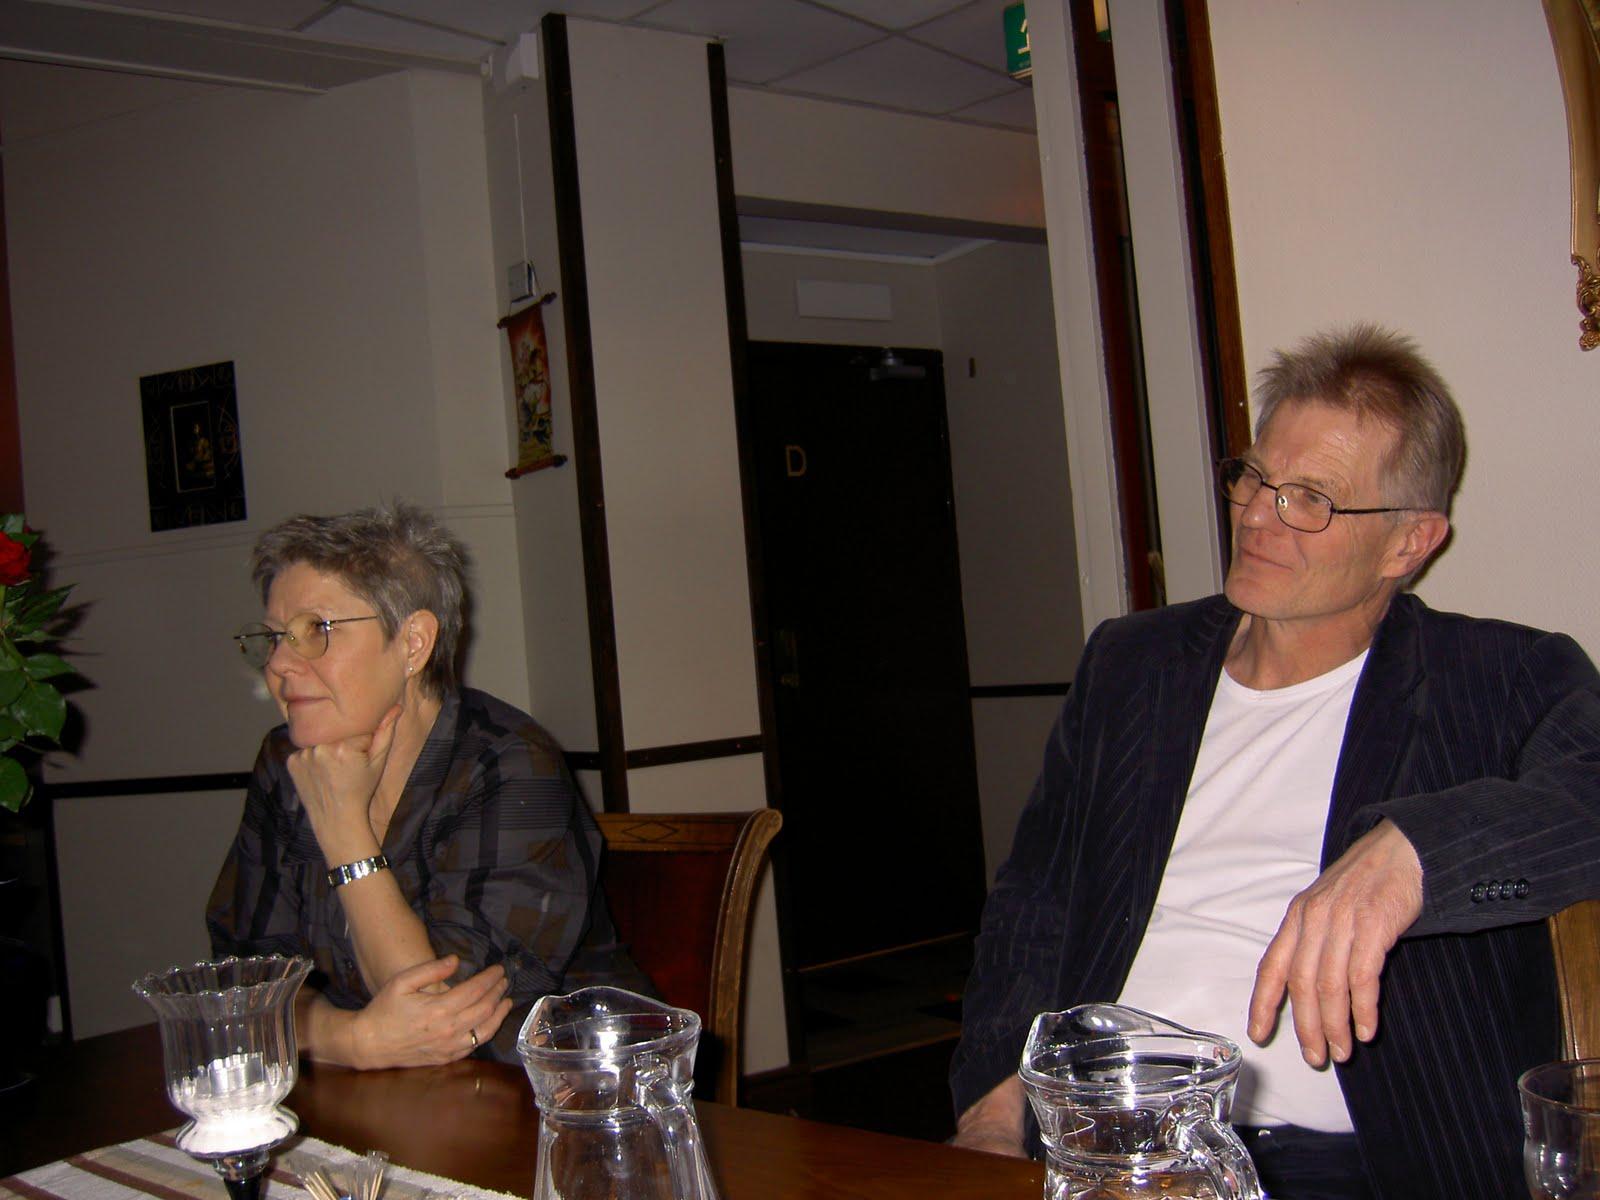 50 års överraskning Larsgården Lidsjön: Familjens 50 års överraskning 50 års överraskning